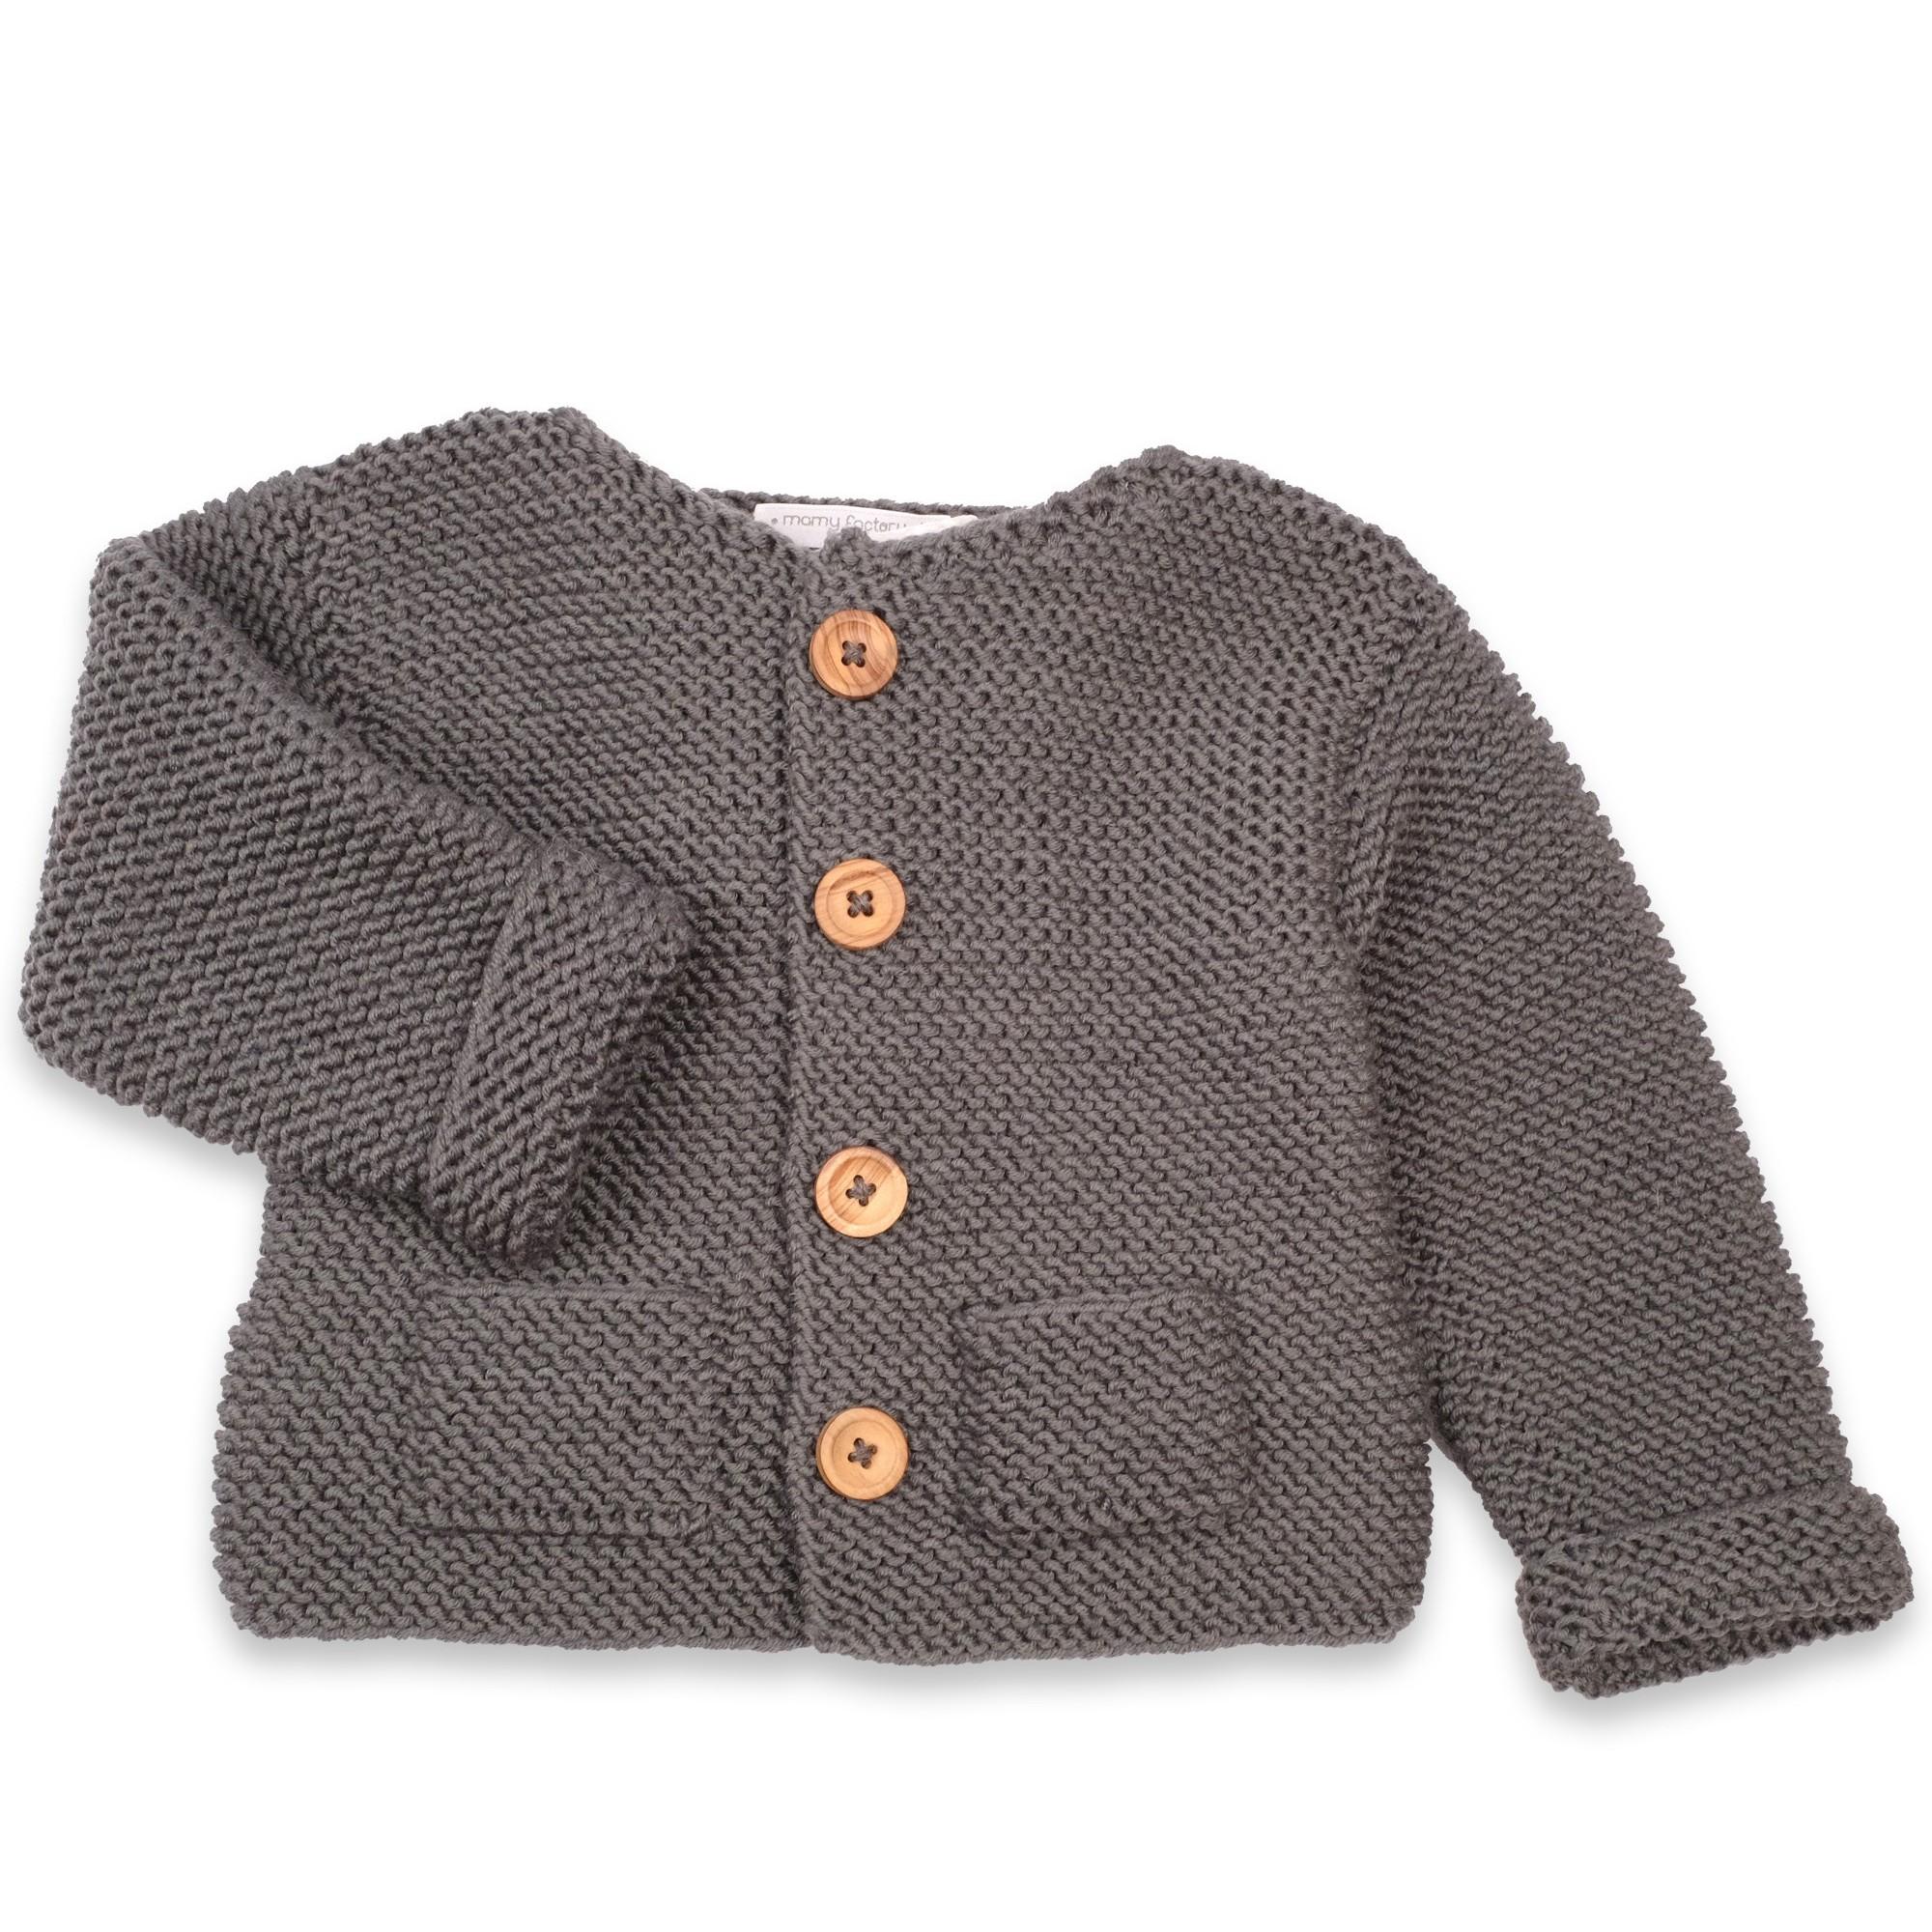 les tricots de mamy gros gilet b b coloris gris ardoise avec deux poches sur le devant mamy. Black Bedroom Furniture Sets. Home Design Ideas